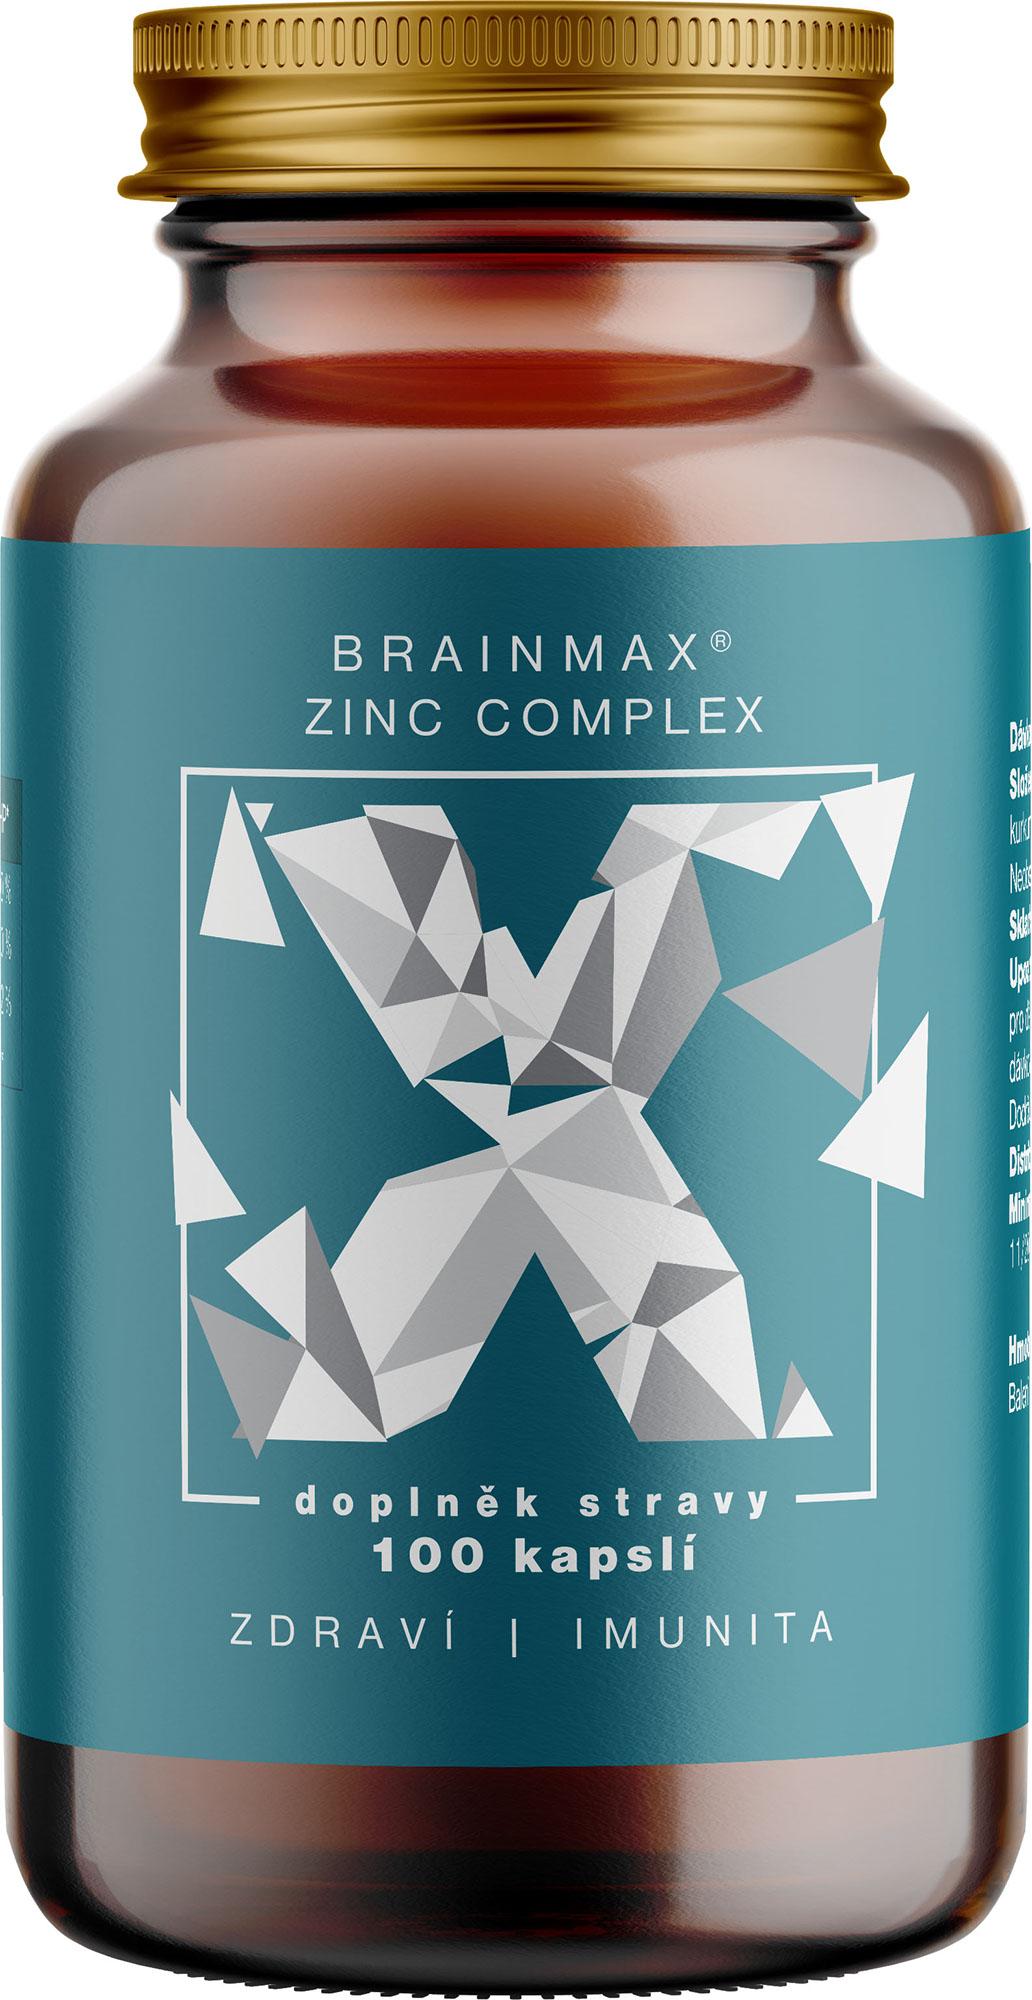 BrainMax Zinc Complex, Zinok, Selén, Meď a Kurkuma, 100 rastlinných kapsúl